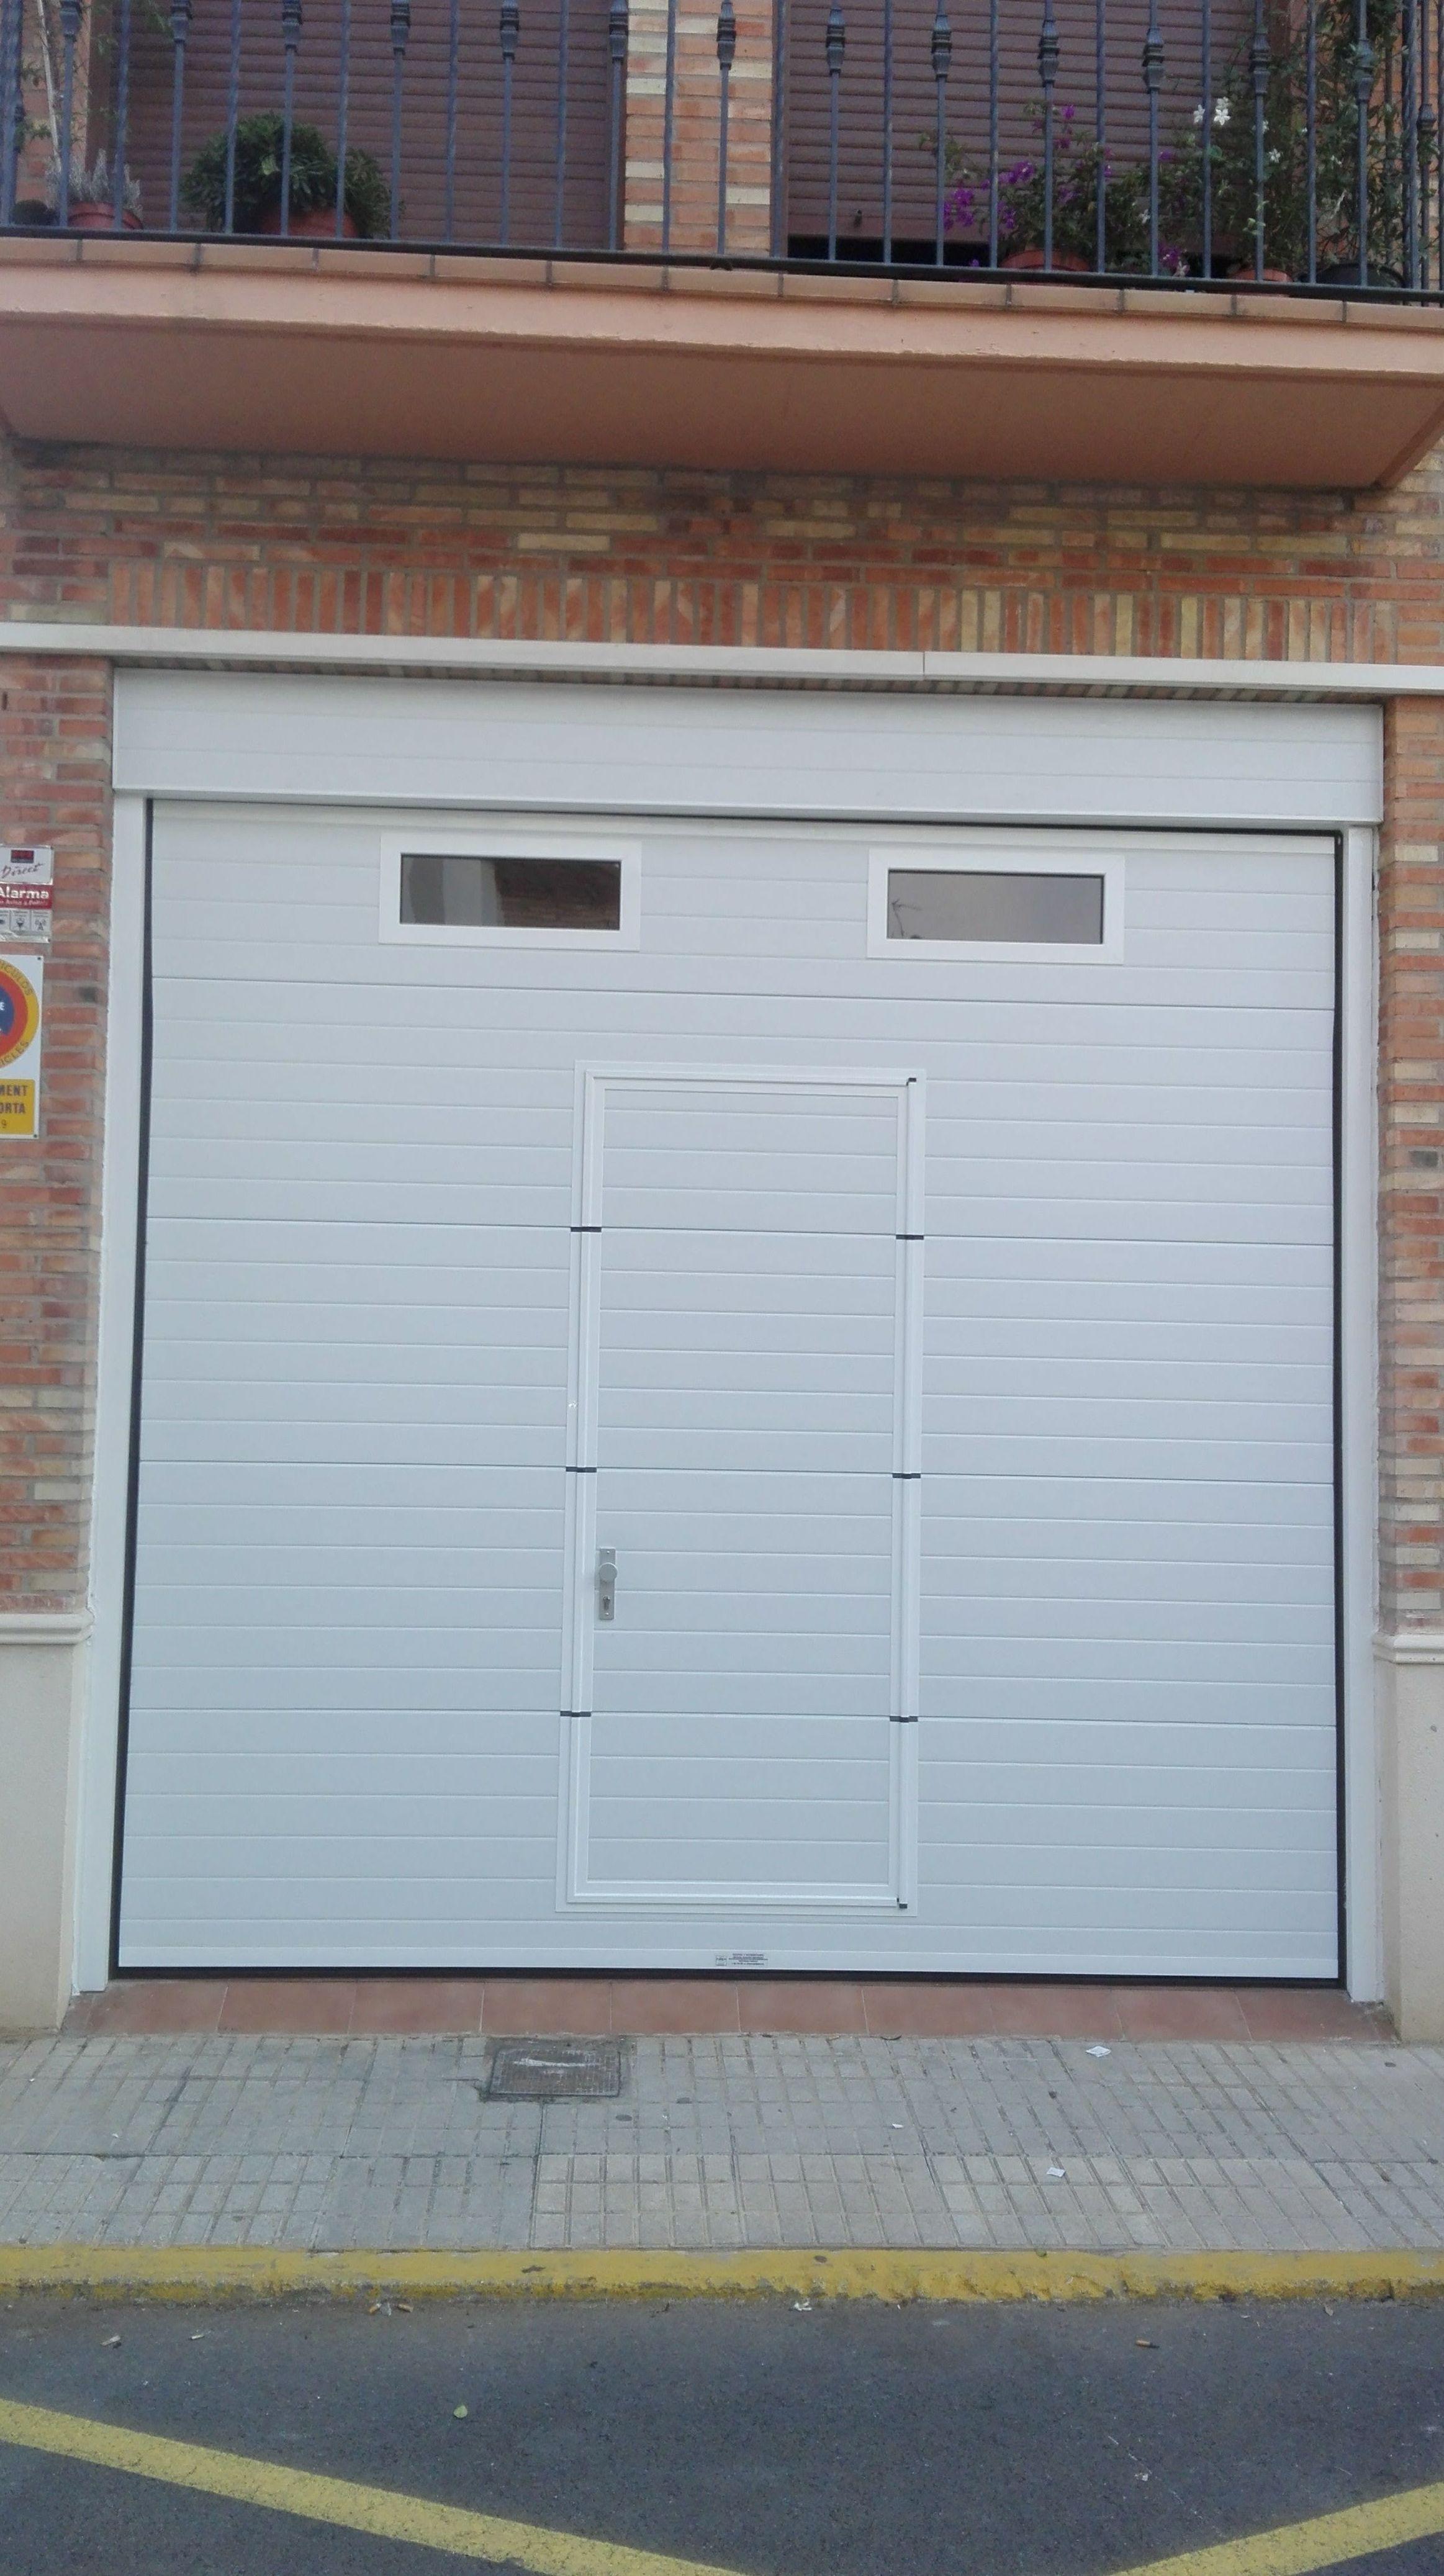 Puerta seccional con puerta peatonal y fijo de panel acanalado blanco y mirillas